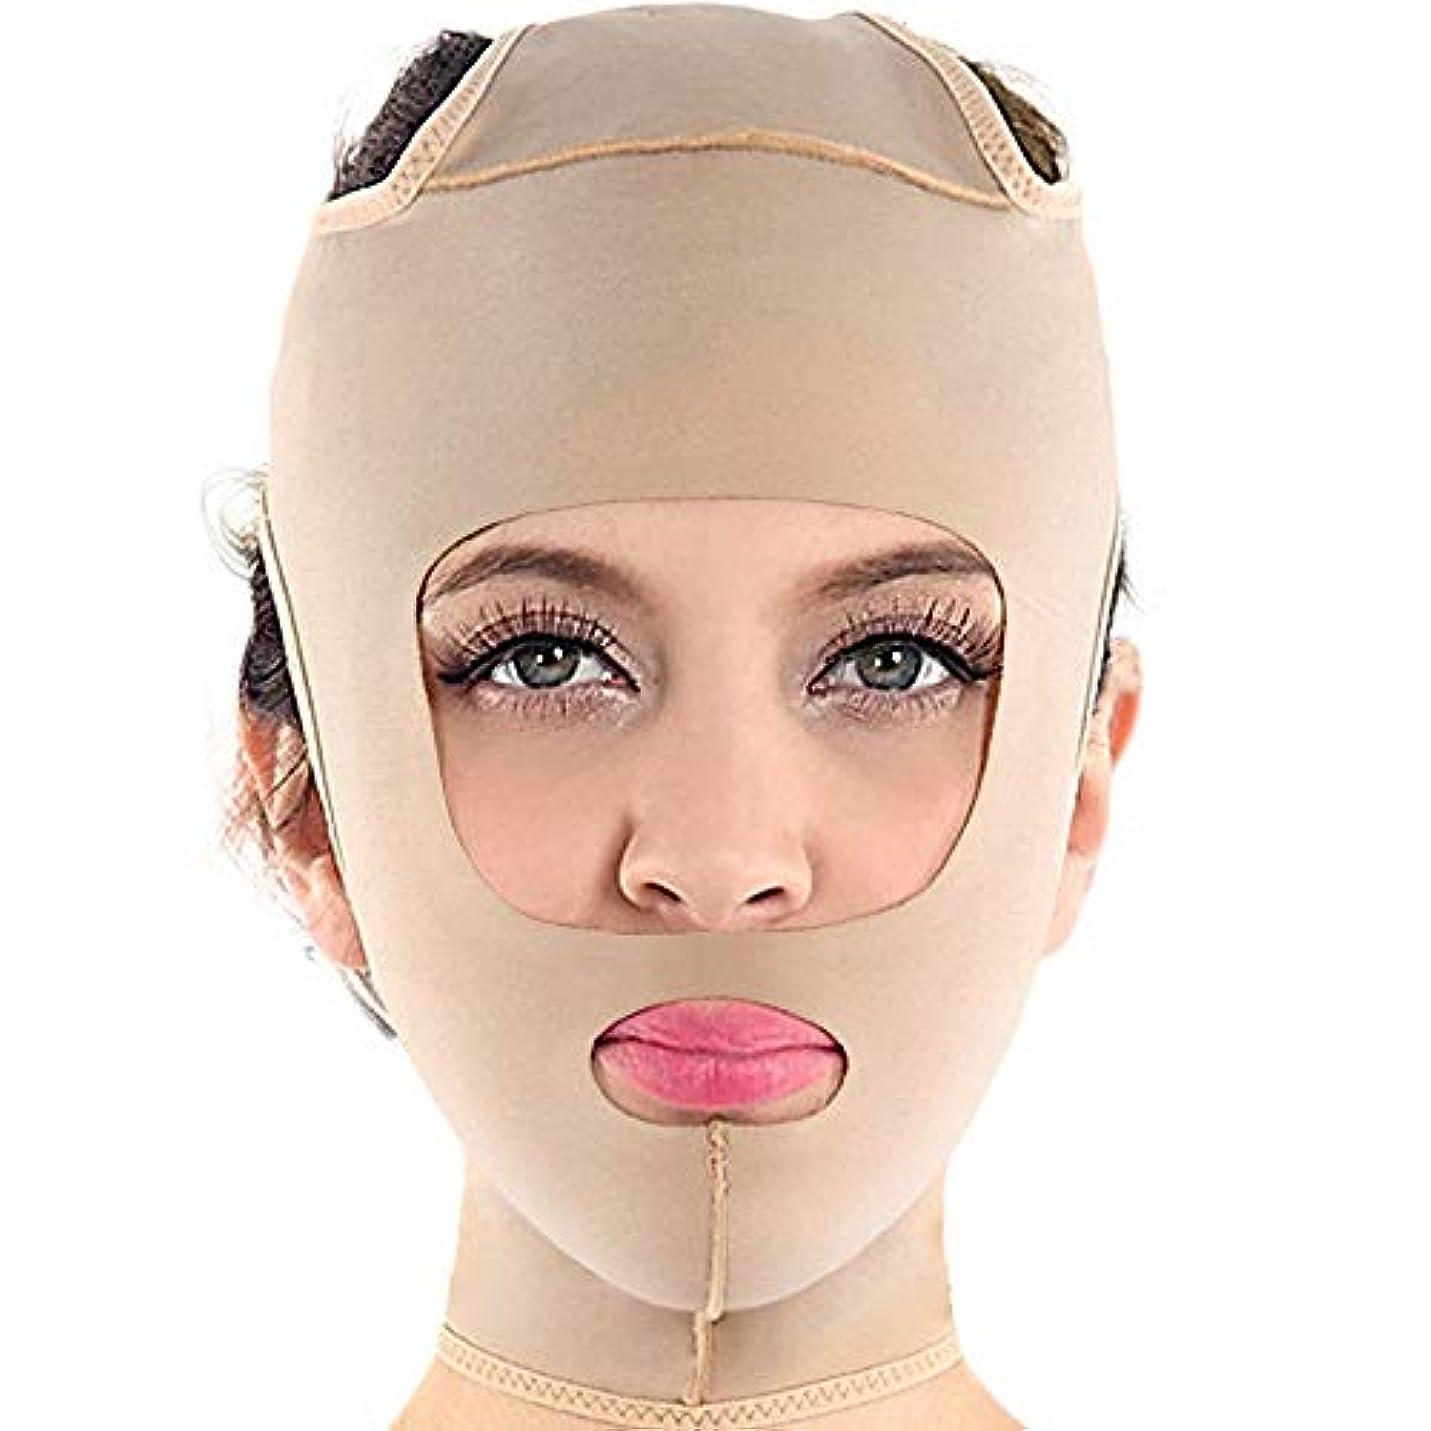 再生的誤ってお手伝いさん薄い顔ベルト、通気性のスリープフェイスリフトフルフェイスマスクリフティングファーミングタイプフェイスリフティング収縮二重顎顔面美容包帯、4つのサイズ (Size : XL)